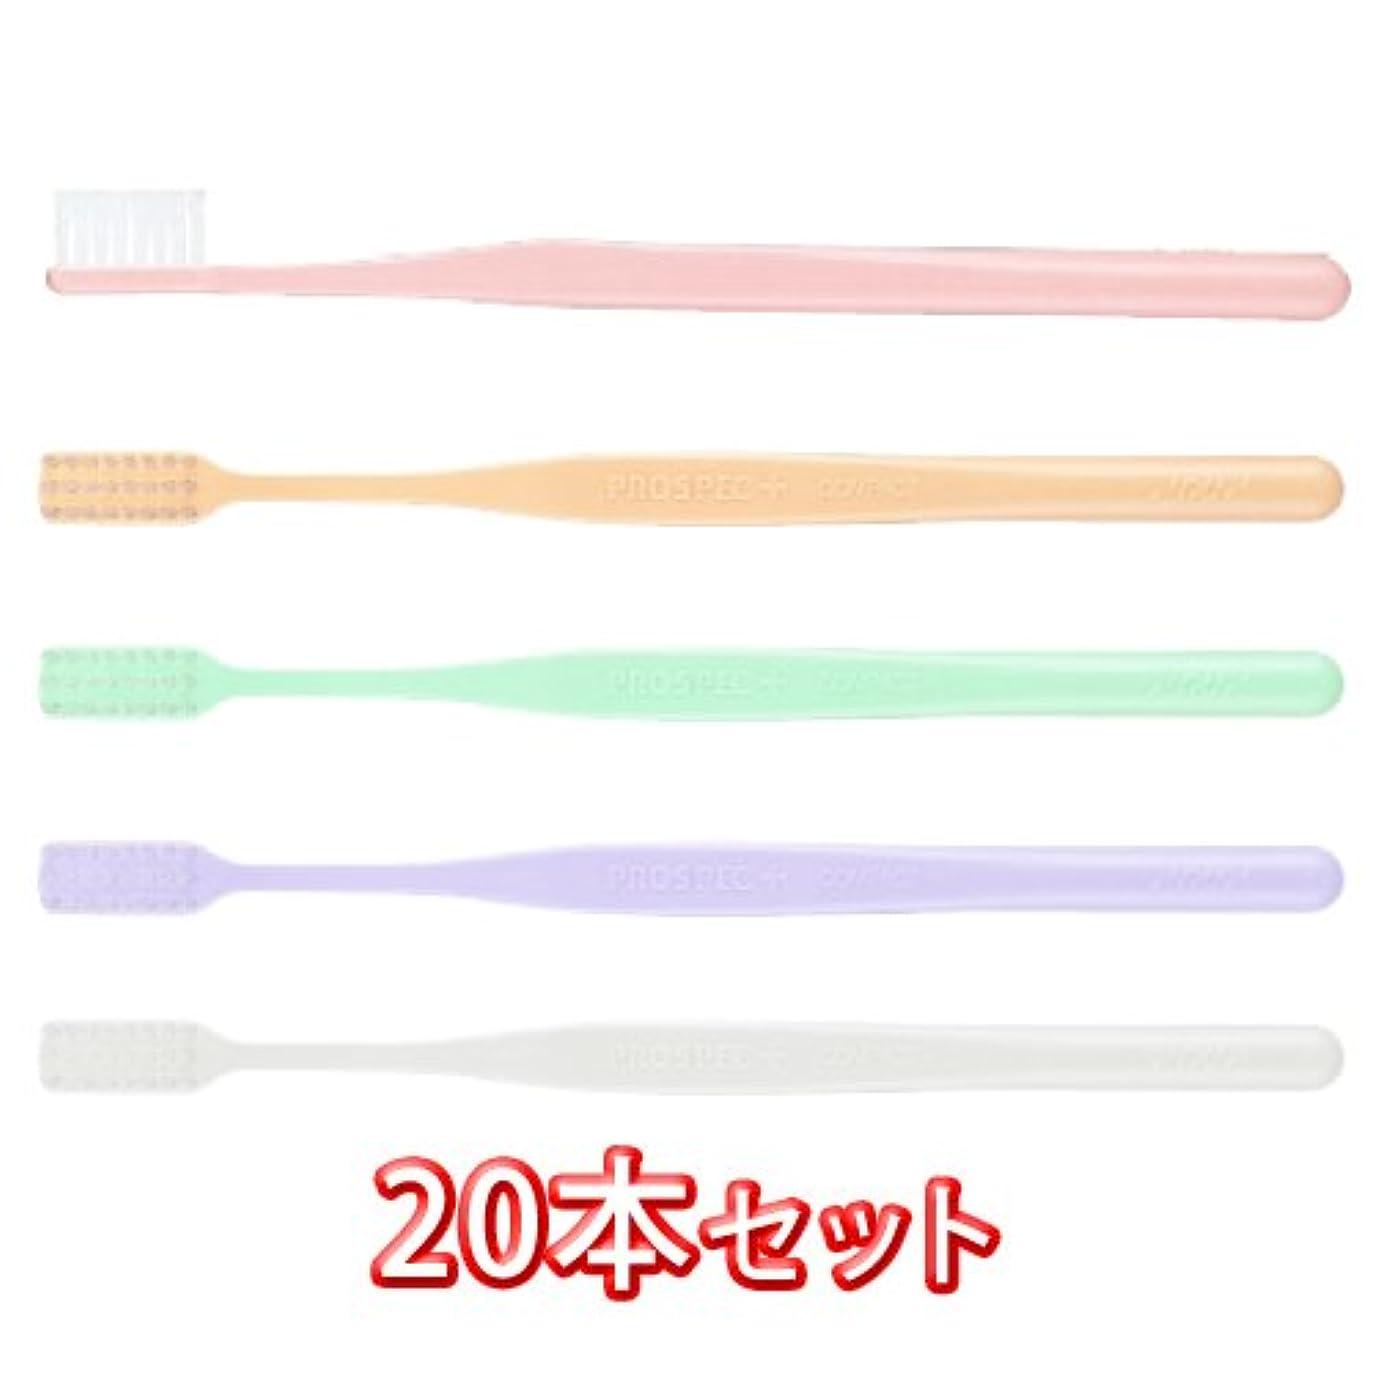 壊れた税金できたプロスペック 歯ブラシ プラス コンパクト 20本入 (M(ふつう))